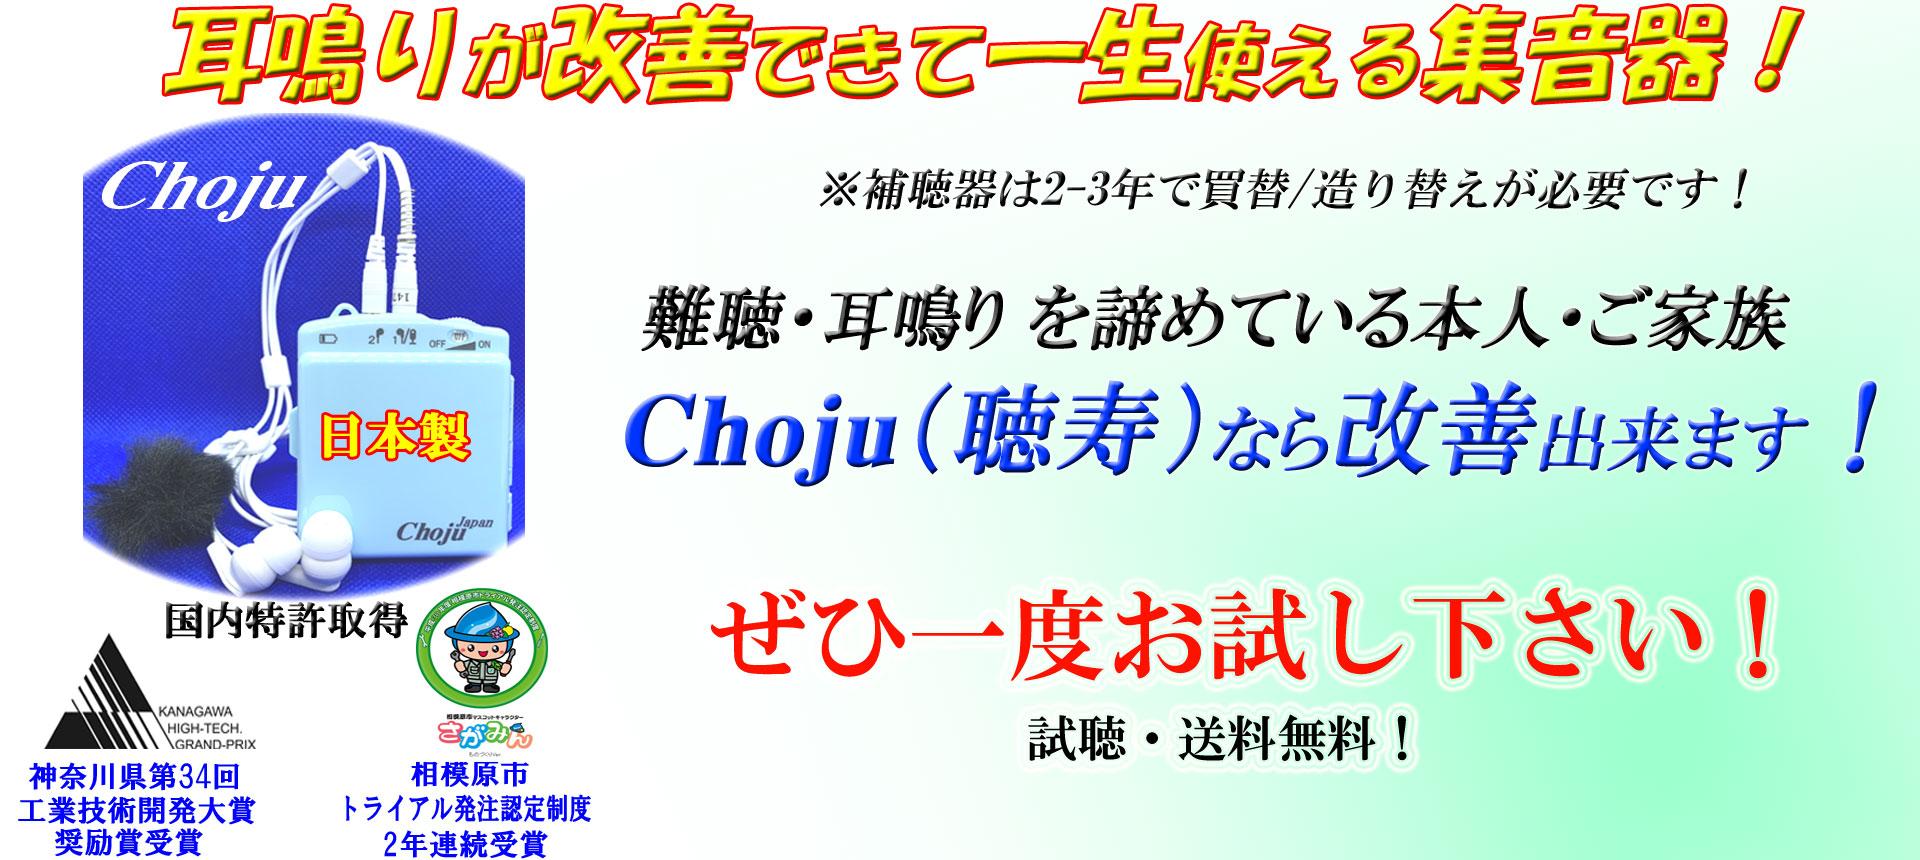 集音器Chojuホームページのトップページです。